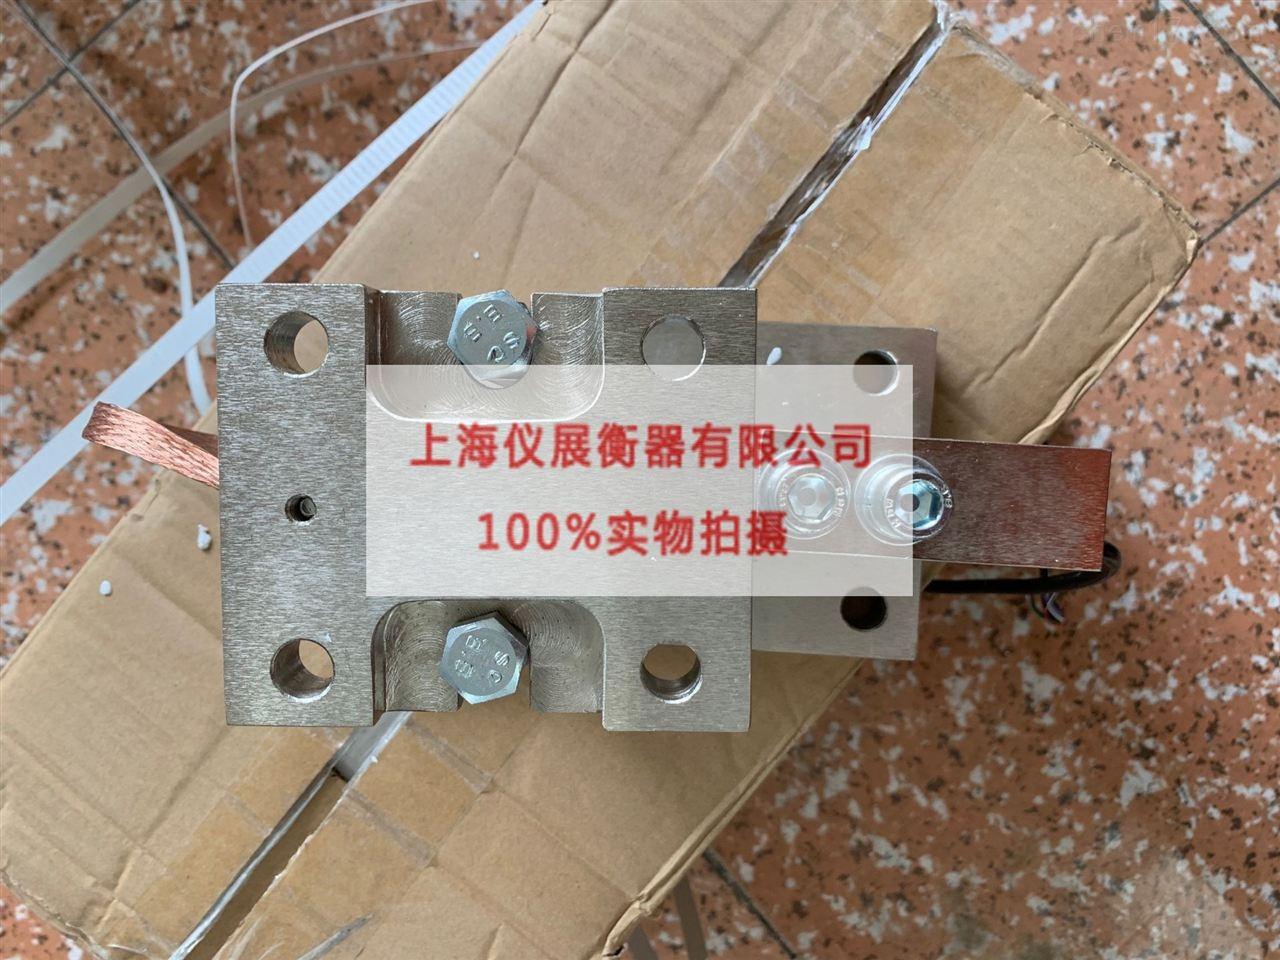 称重模块散料积算反应釜称重系统厂家